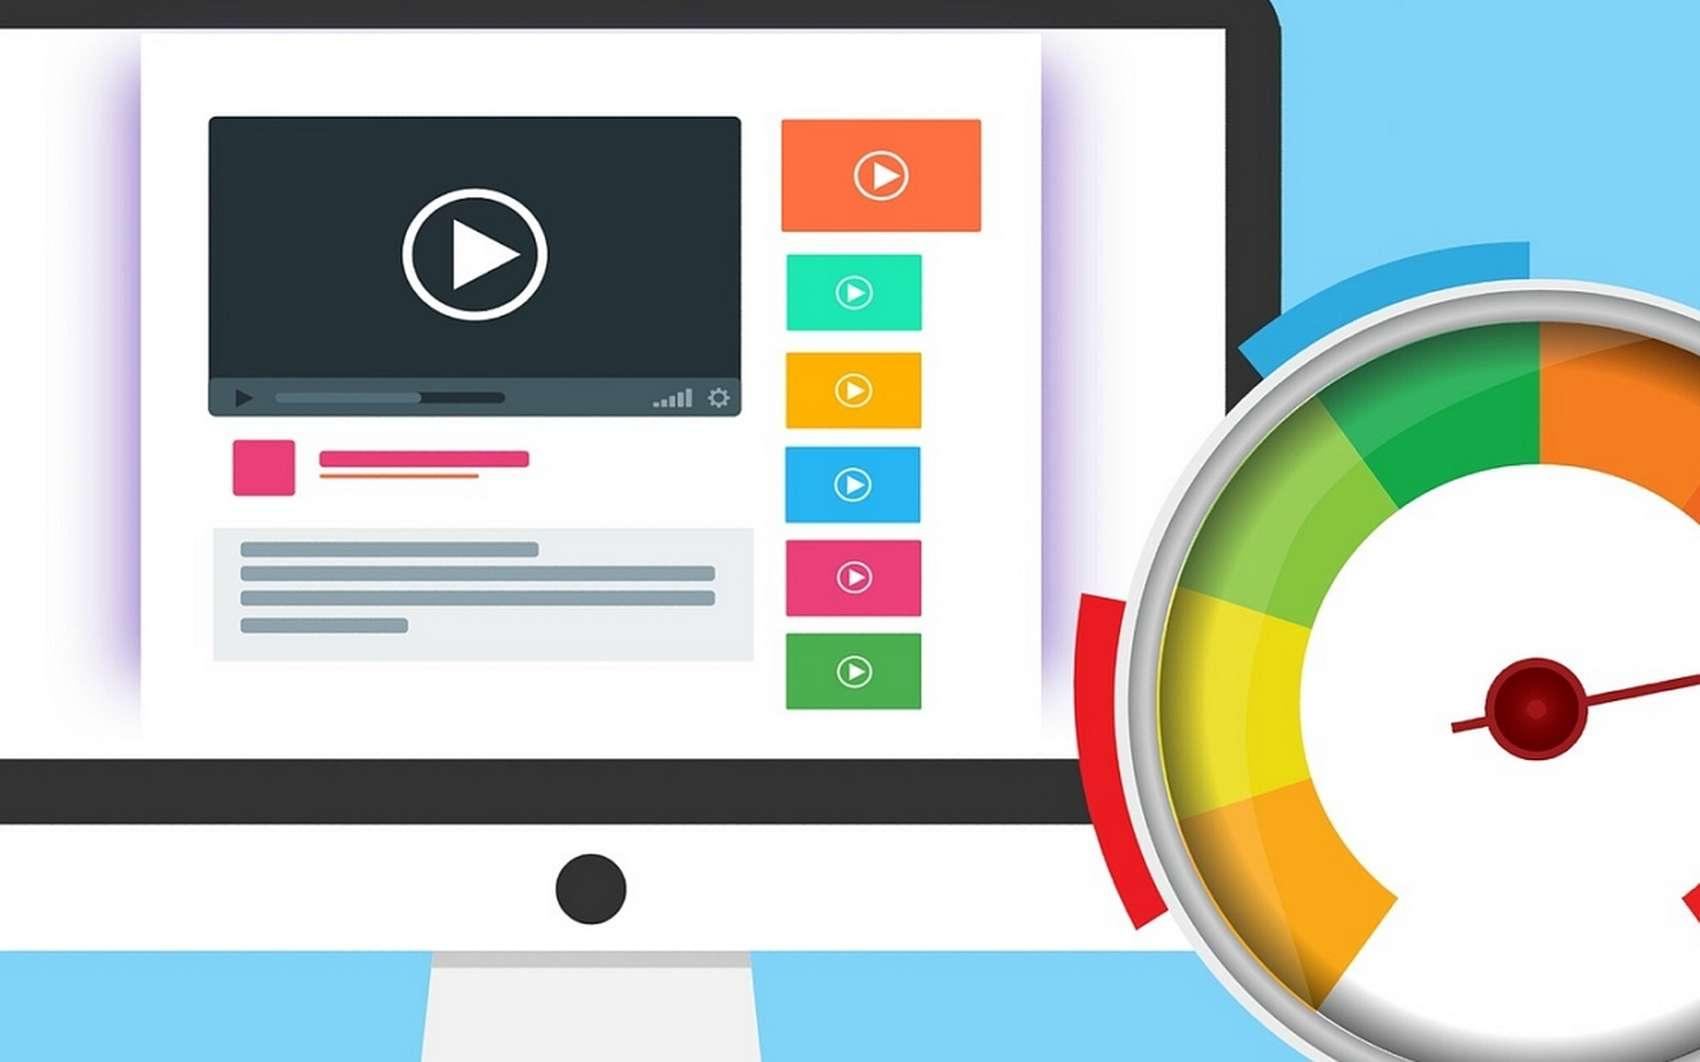 La première chose avant de démarrer le streaming d'une vidéo en direct est de disposer d'une connexion Internet fournissant une bande passante d'upload stable et performante. © Pixabay.com